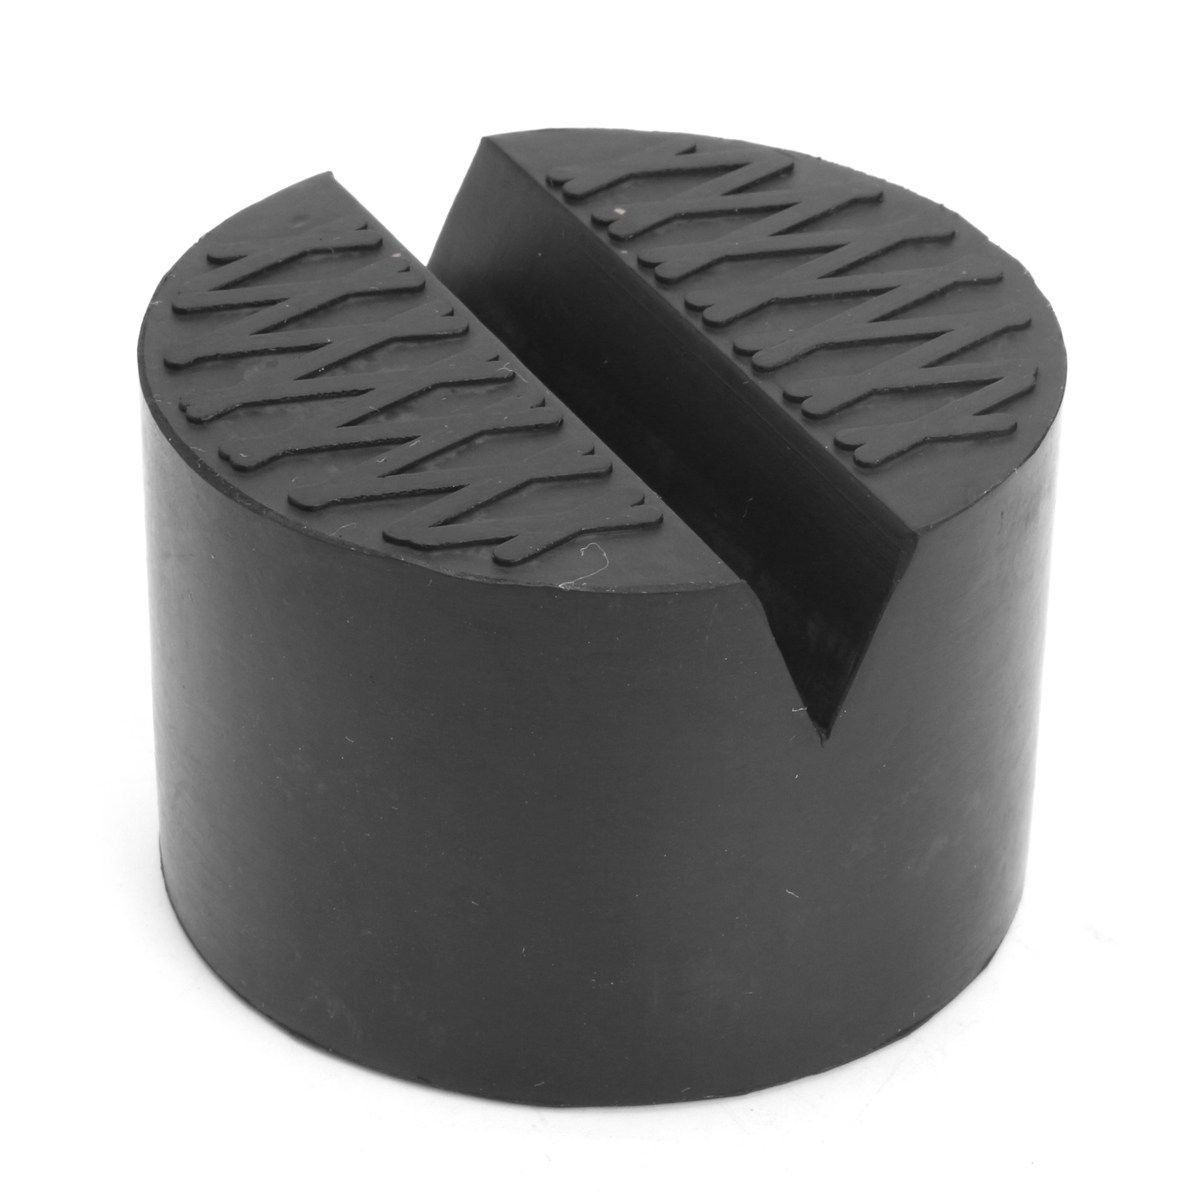 Высокое качество car jack Pad адаптер гидравлические черный Jack диск щелевые Рамки Rail пол Автомобильные разъёмы инструмент